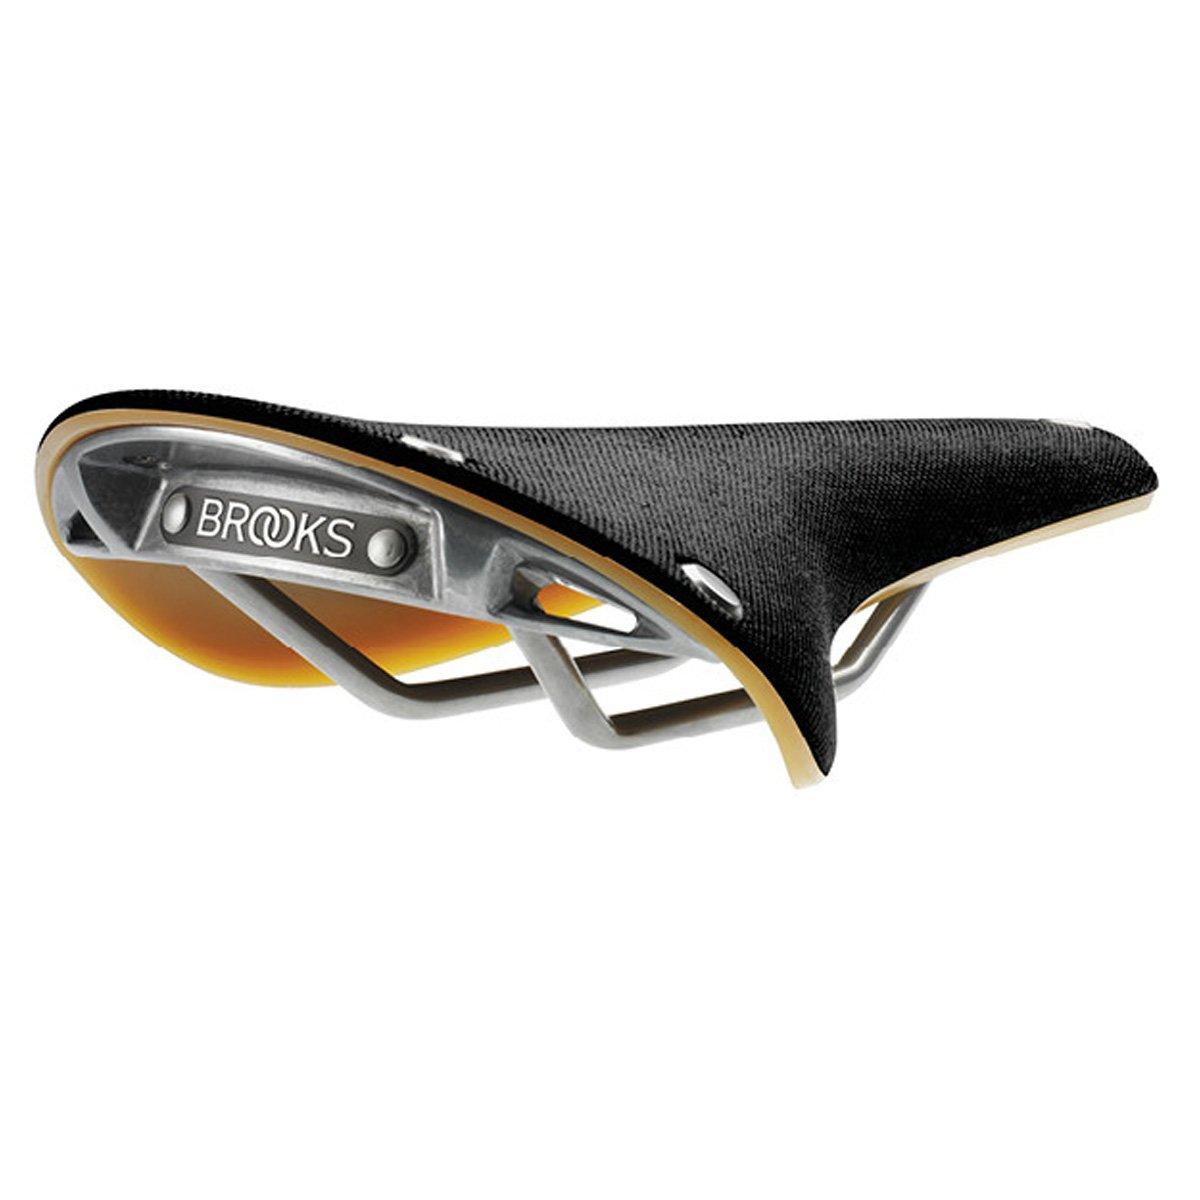 BROOKS(ブルックス) 快適性を追求した新世代サドル CAMBIUM C17 BLACK/NATURAL B01MEGG1F1